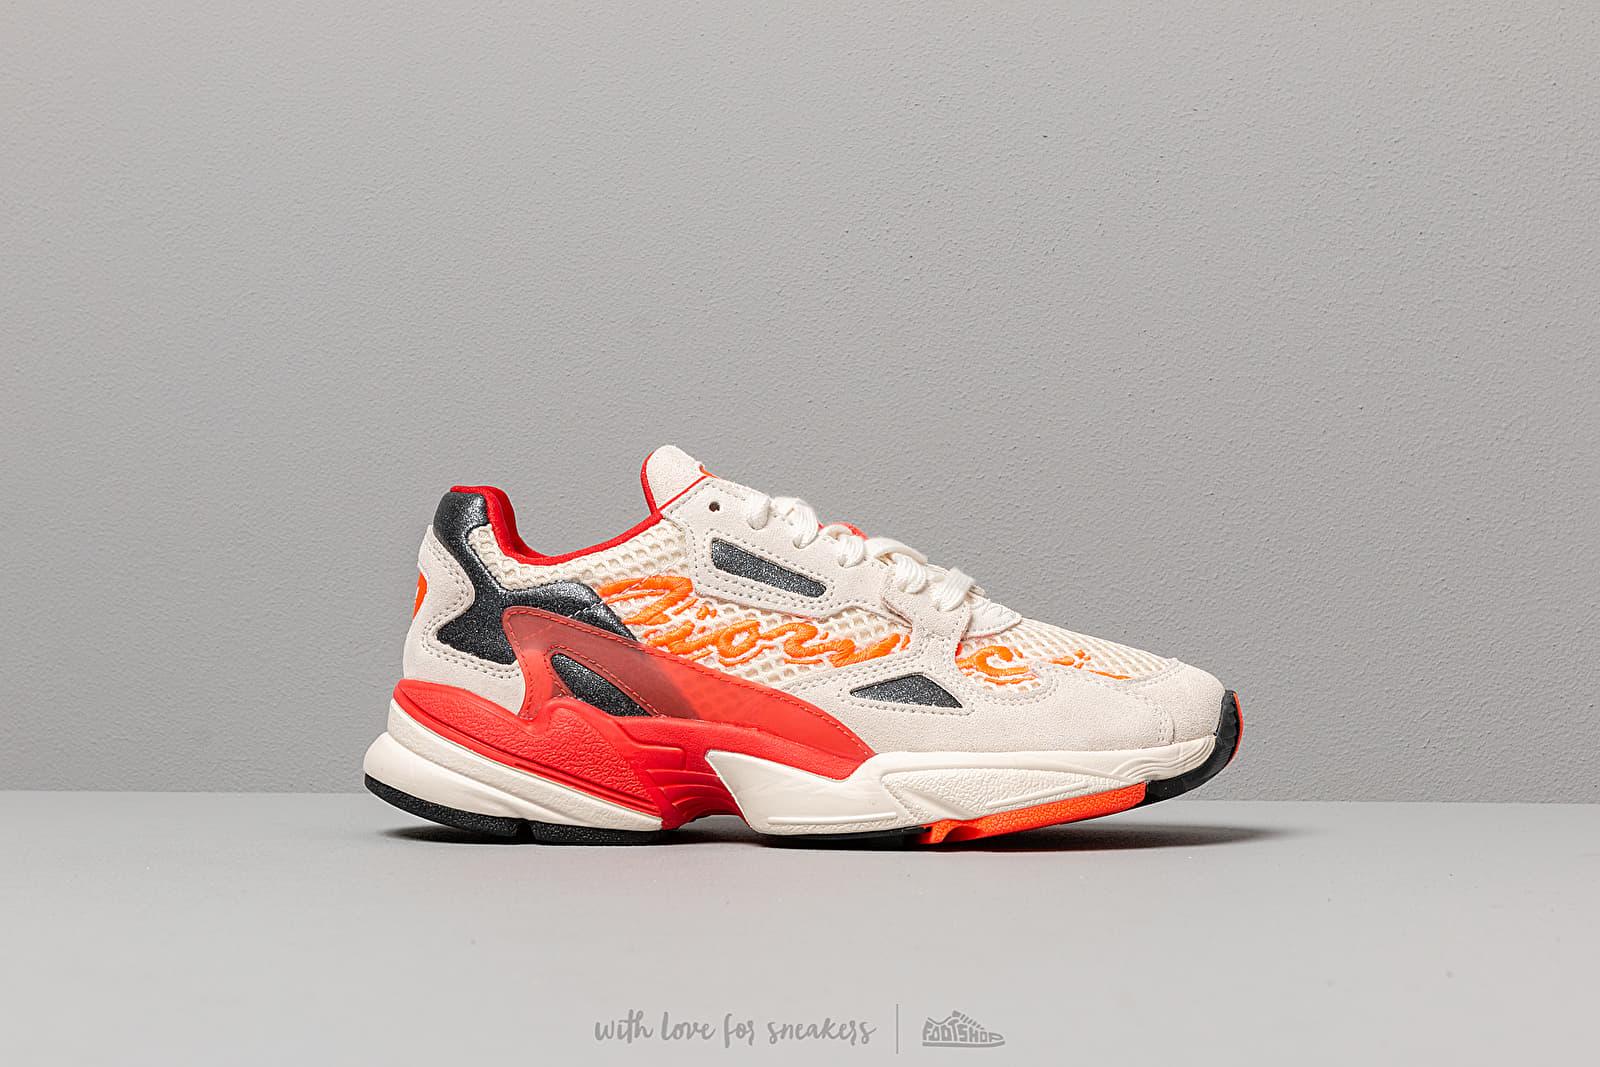 adidas by Fiorucci Falcon W Off White/ Red/ Solar Orange   Footshop